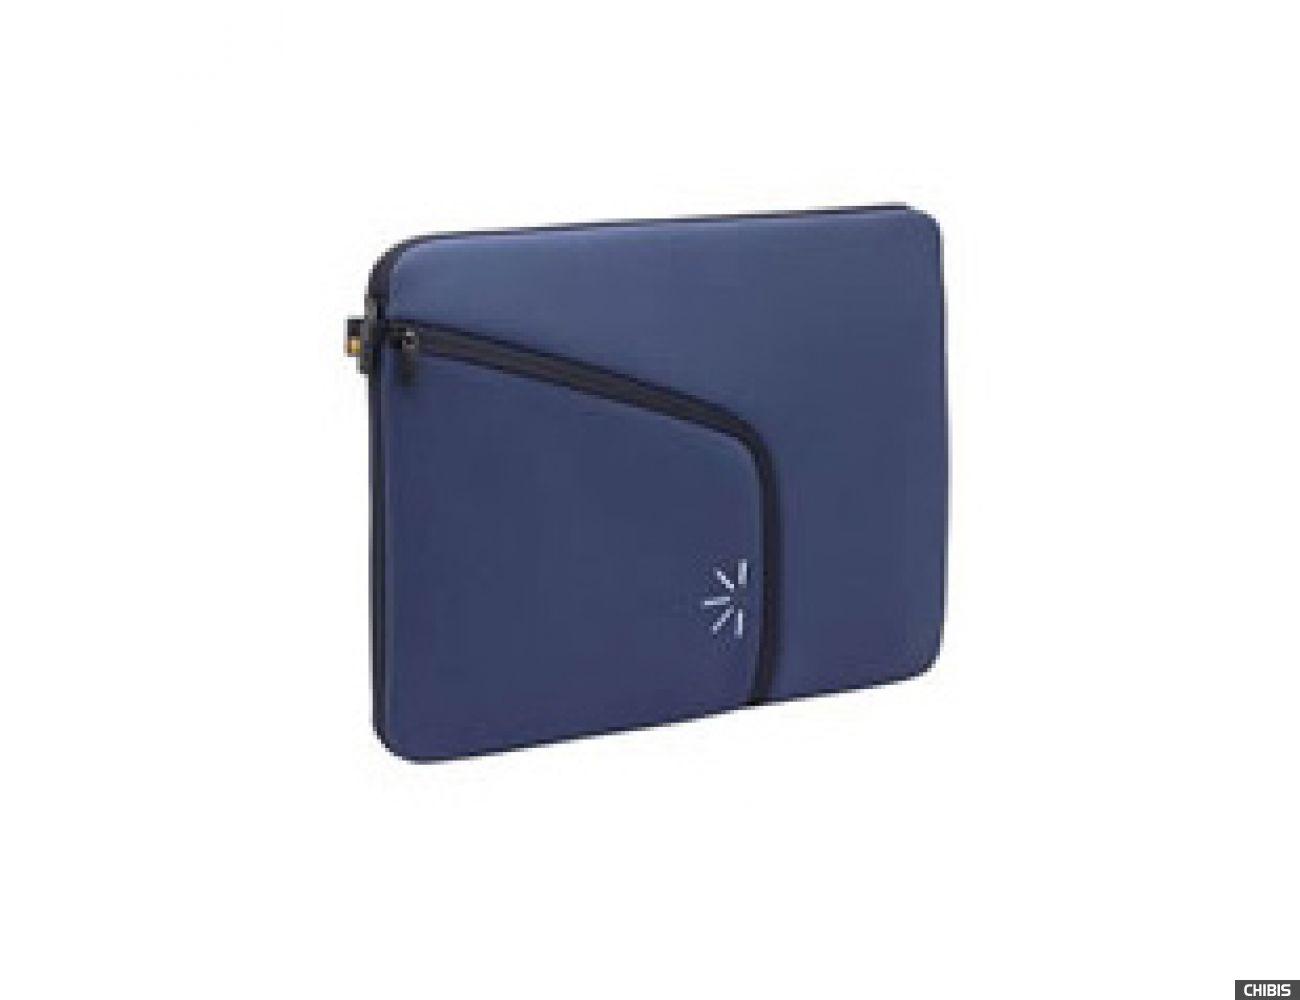 Чехол для ноутбука Case Logic PLS15B (Цвет синий)